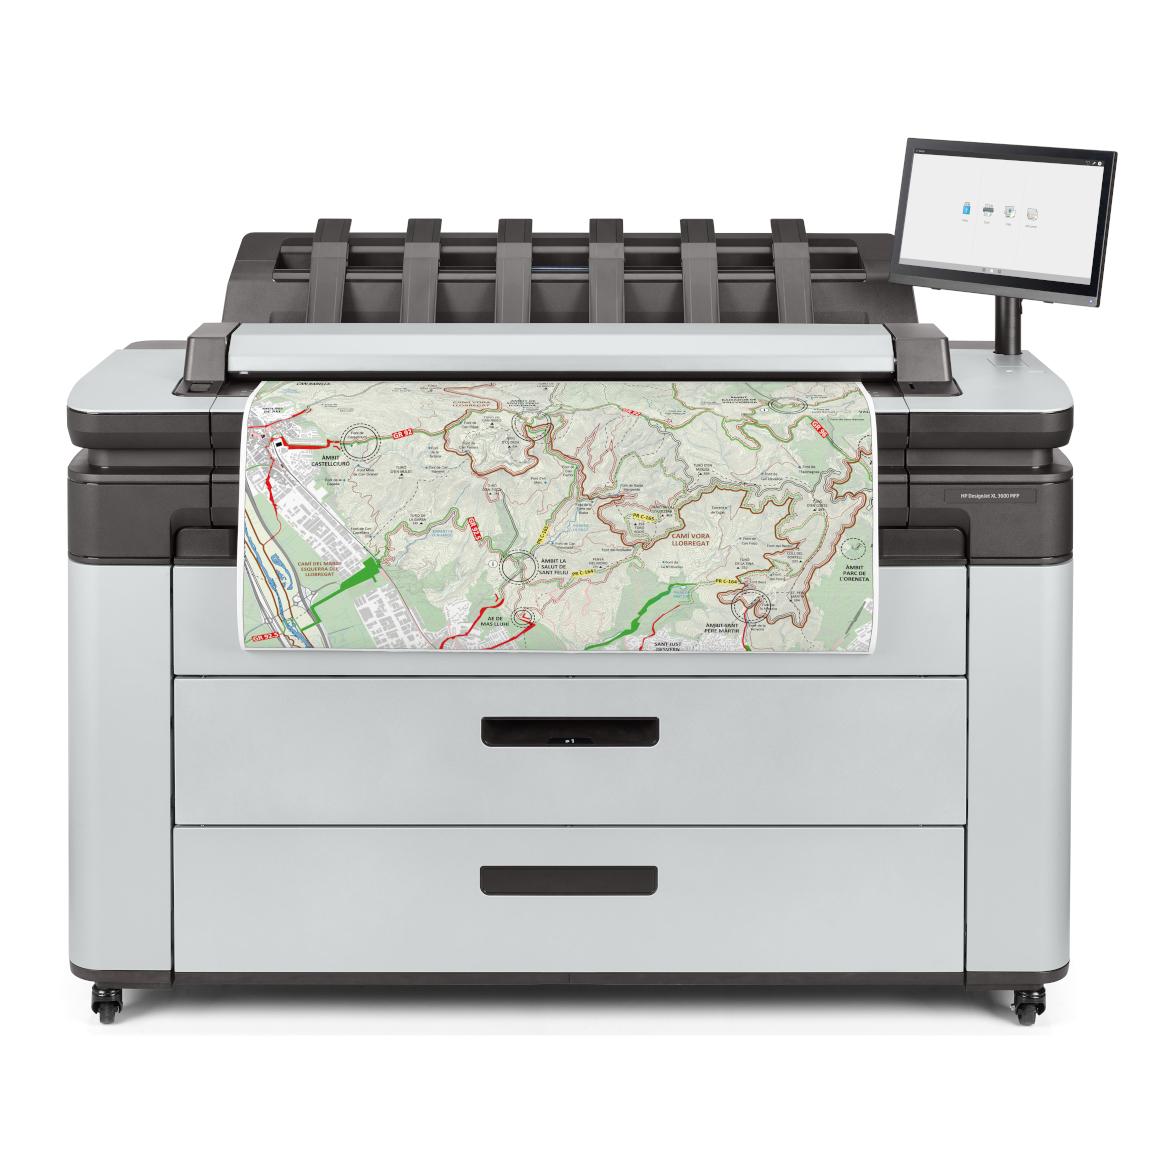 DesignjetXL3600-Standard-Front Scan 07